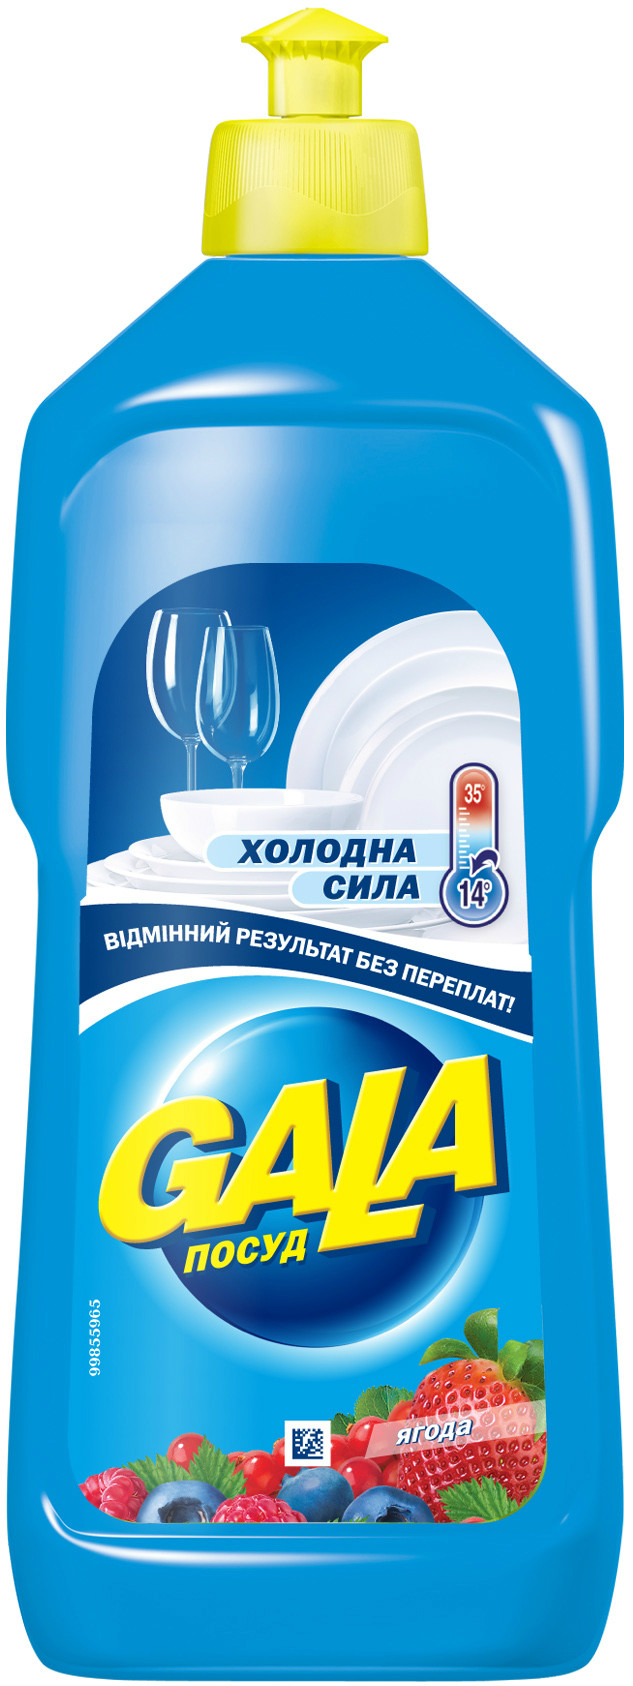 Жидкое средство для мытья посуды GALA Ягода, 500 мл